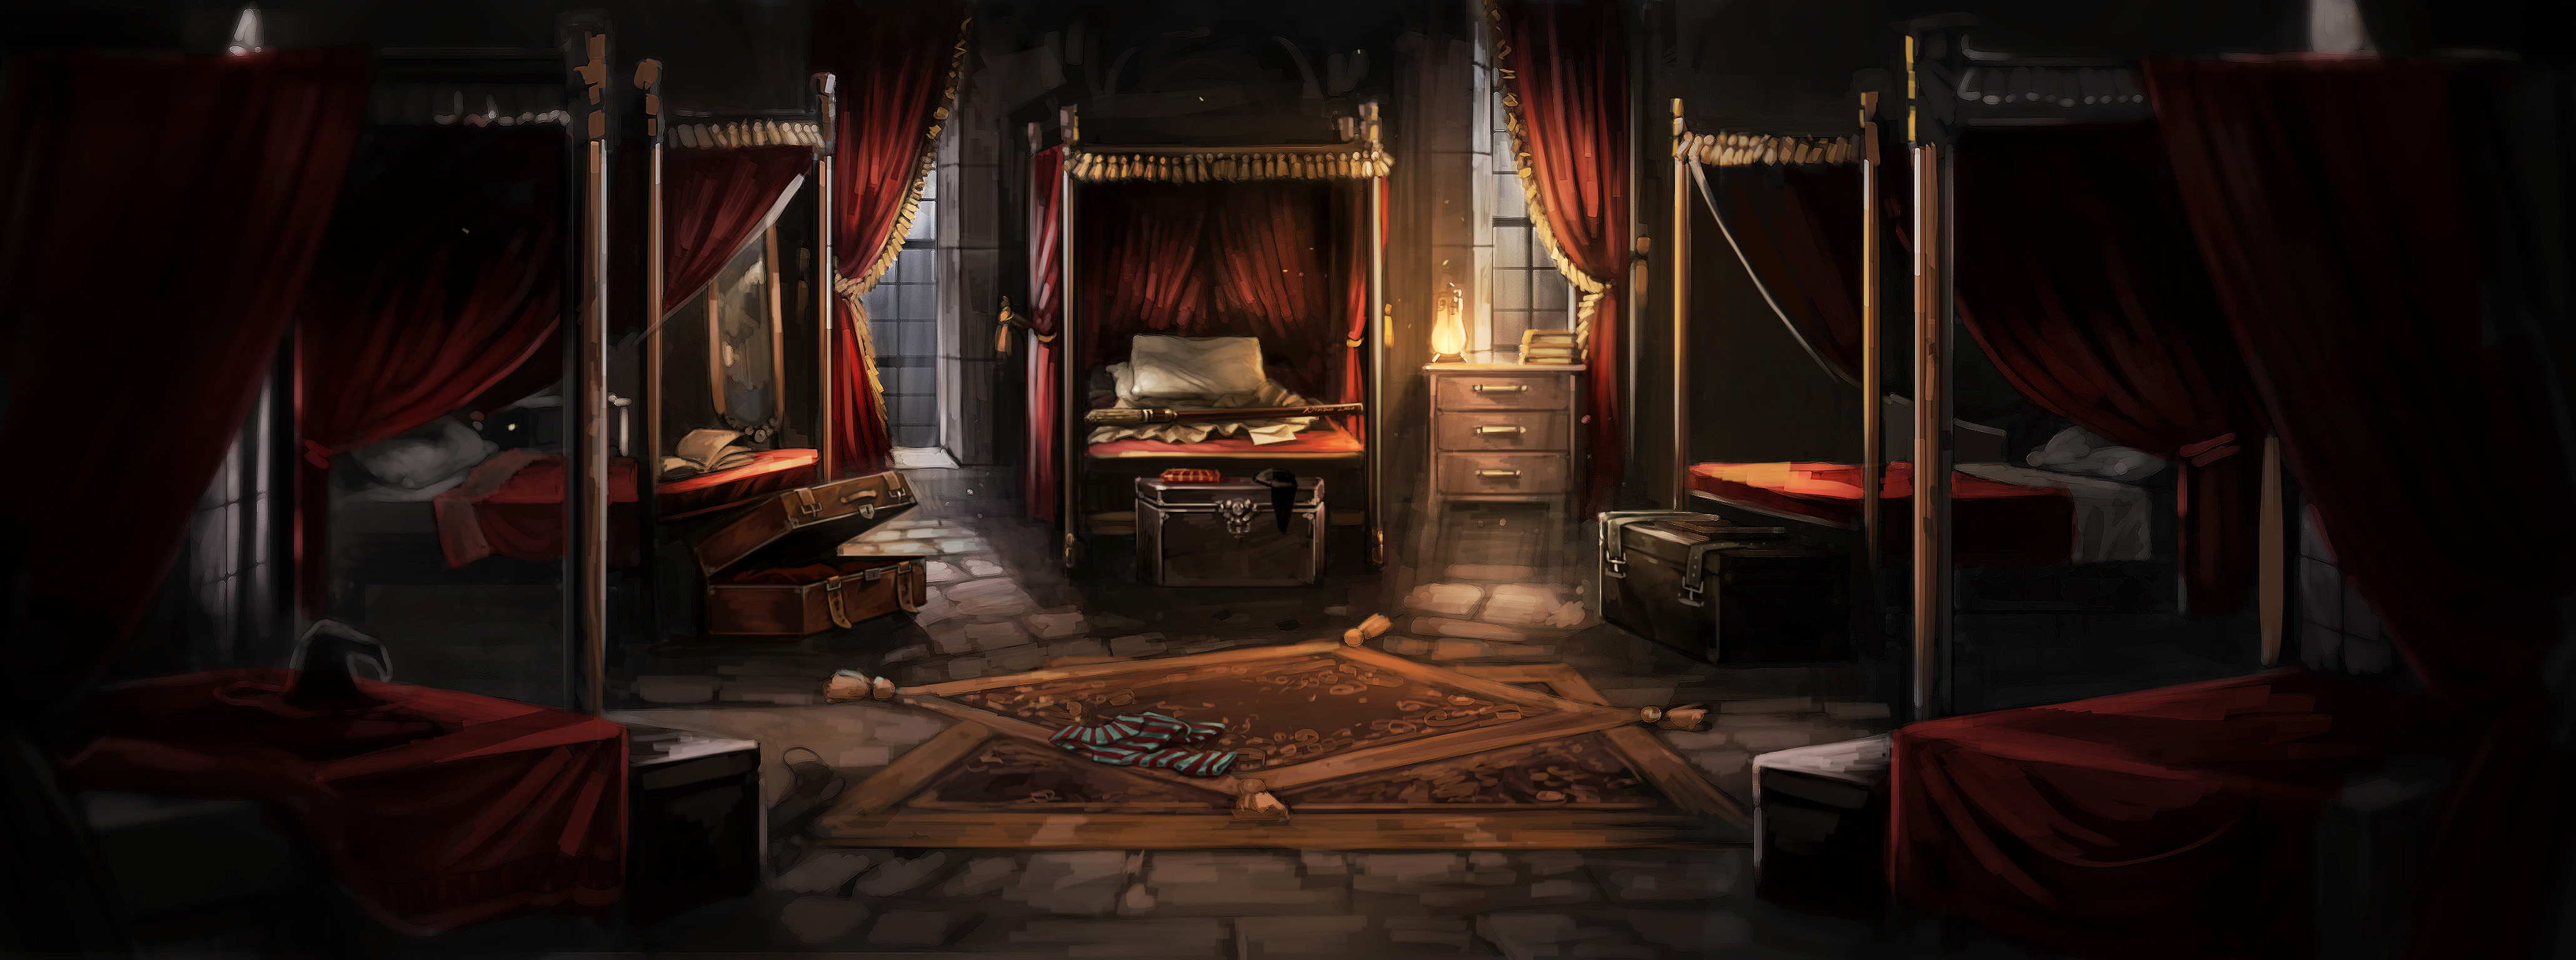 Dormitorio de chicos de Gryffindor